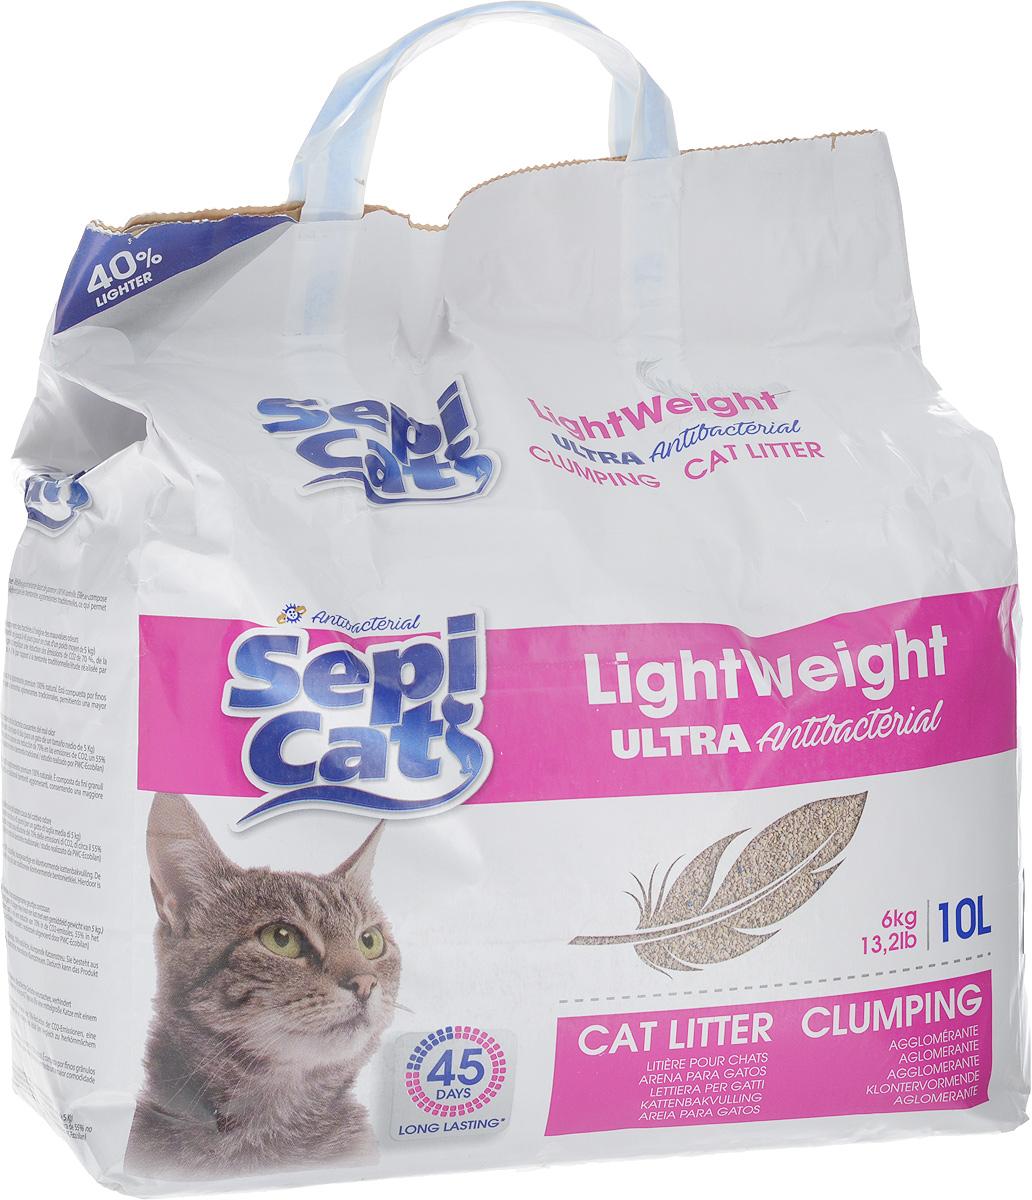 Наполнитель для кошачьих туалетов SepiCat Антибактериальный, комкующийся, облегченный, ультра, 10 л20748Комплектующий наполнитель для кошачьих туалетов SepiCat Антибактериальный состоит из мелкозернистых суперадсорбирующих глиняных гранул, которые на 40% легче традиционных комкующихся бентонитов, что облегчает уход и использование продукта. Преимущества наполнителя SepiCat Антибактериальный: - прекрасно комкуется, - очень экономно расходуется, - содержит сильный бактерицидный агент, препятствующий росту бактерий, которые вызывают появление неприятного запаха. Товар сертифицирован.